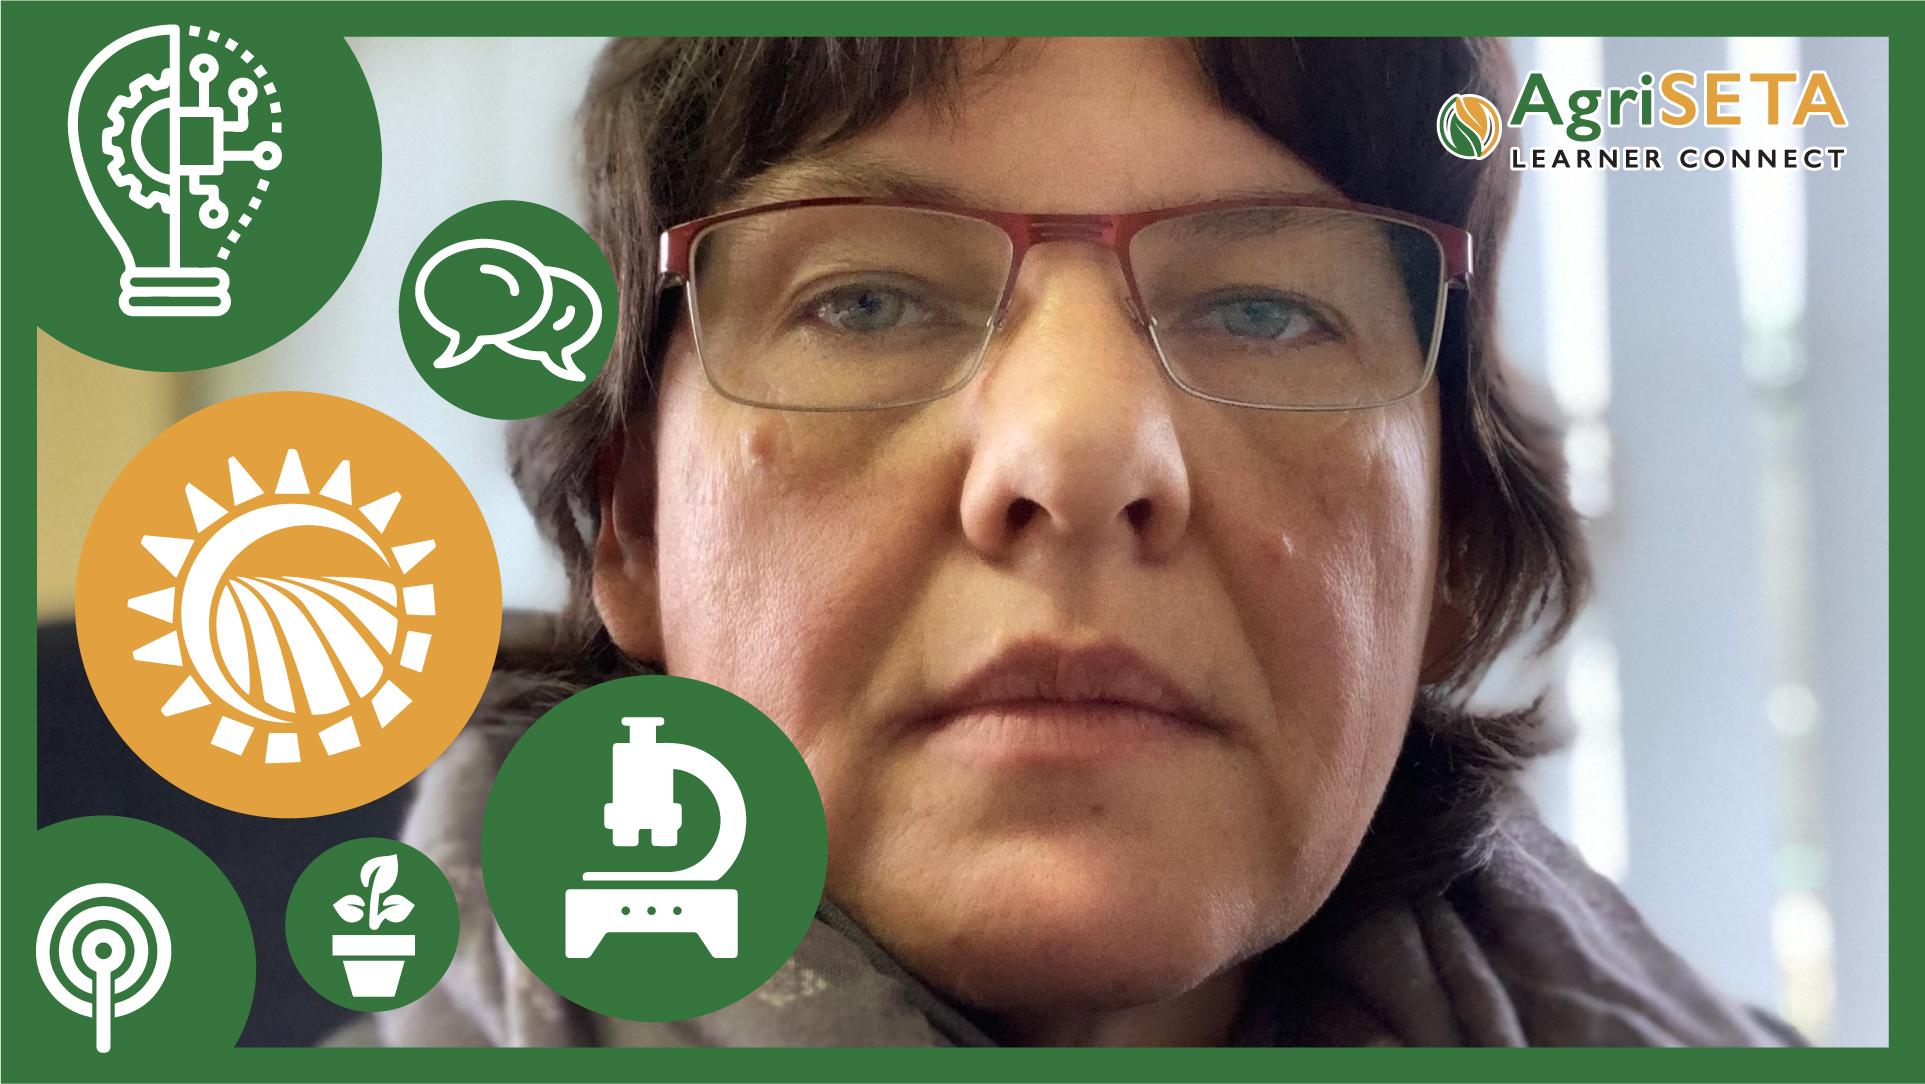 Meet Eve Dunlop, a research scientist